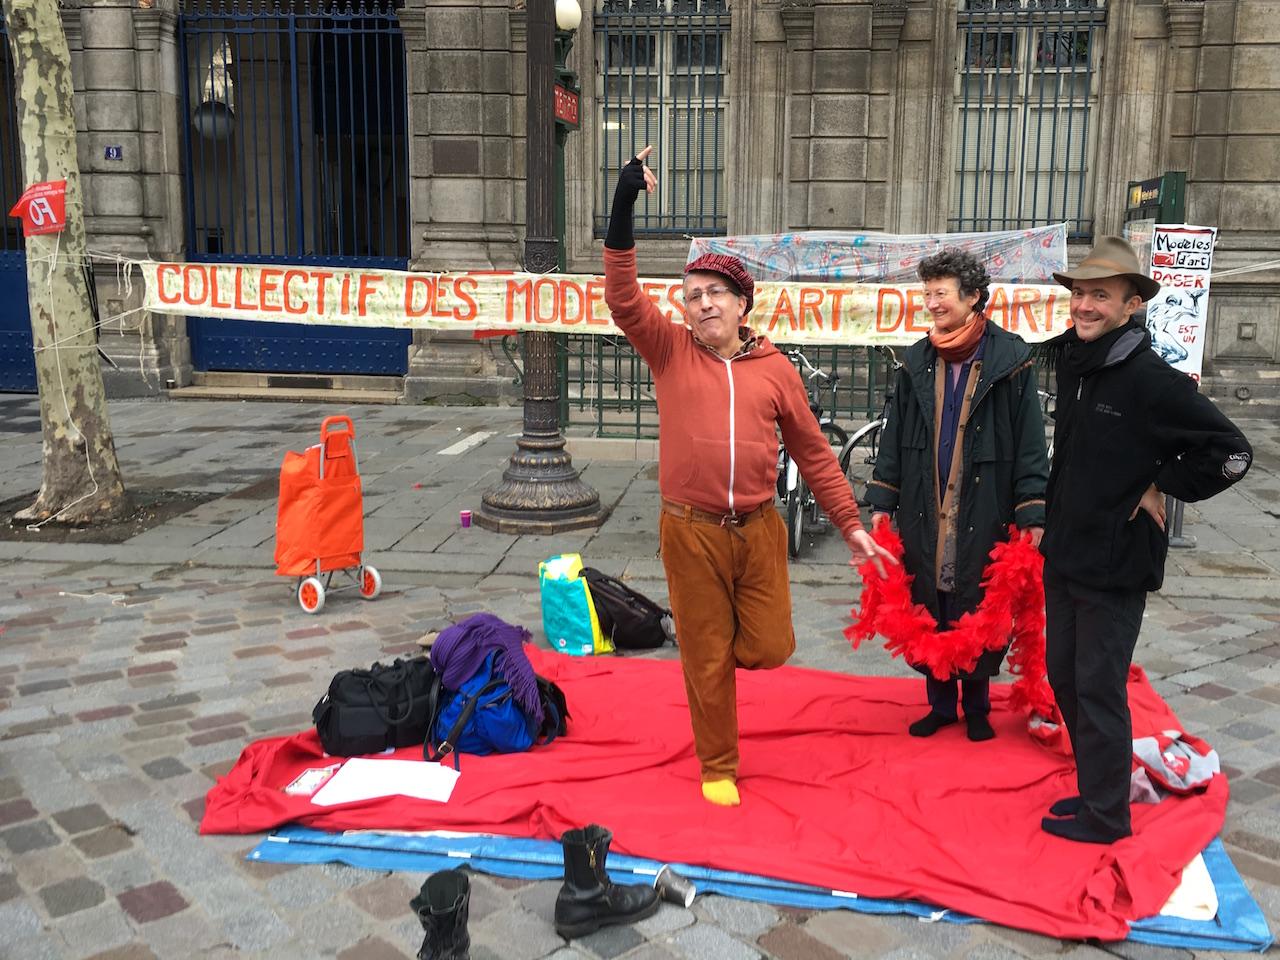 Members of the Collectif des Modèles d'Art de Paris demonstrate in the Place de l'Hôtel de Ville.